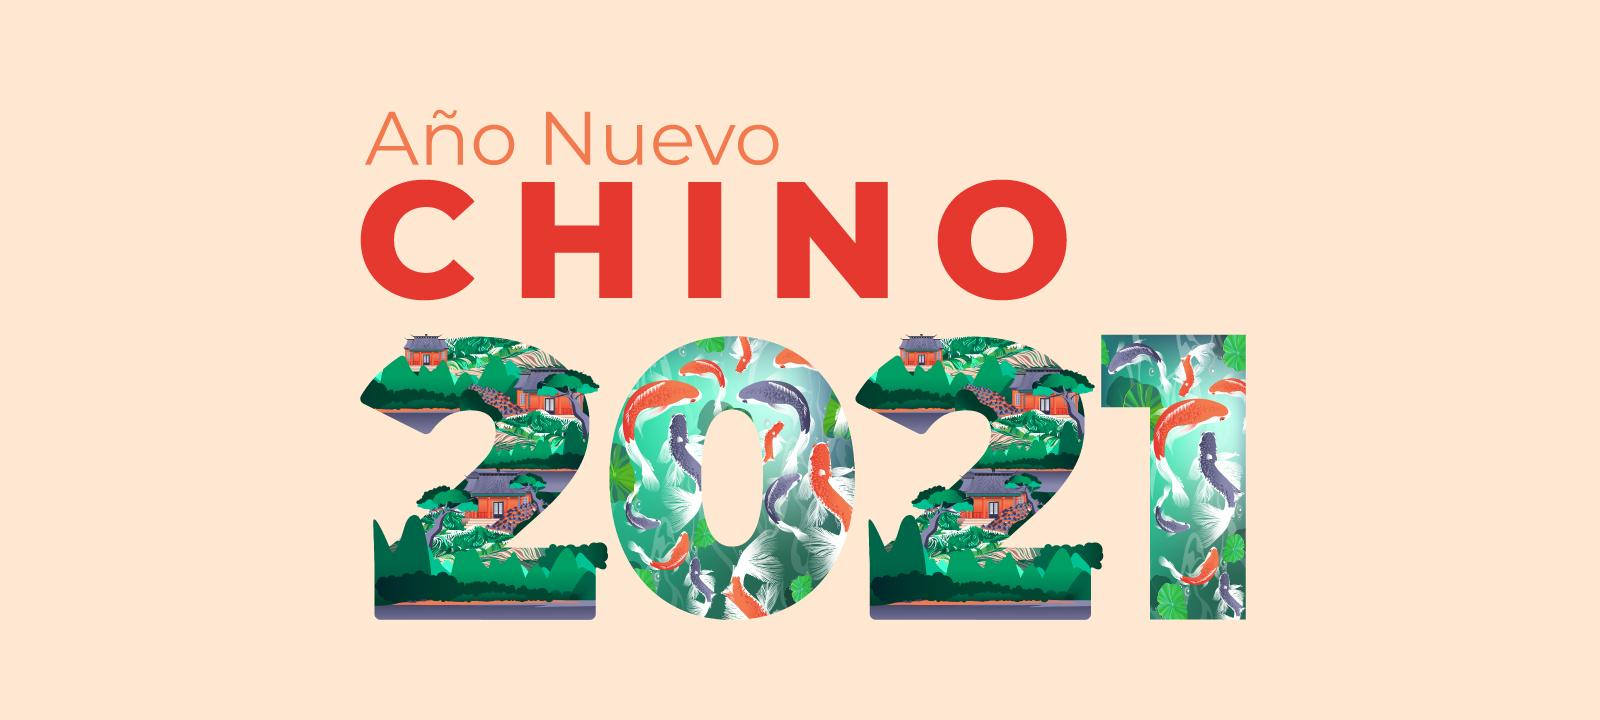 Año Nuevo chino 2021 - Edición Virtual